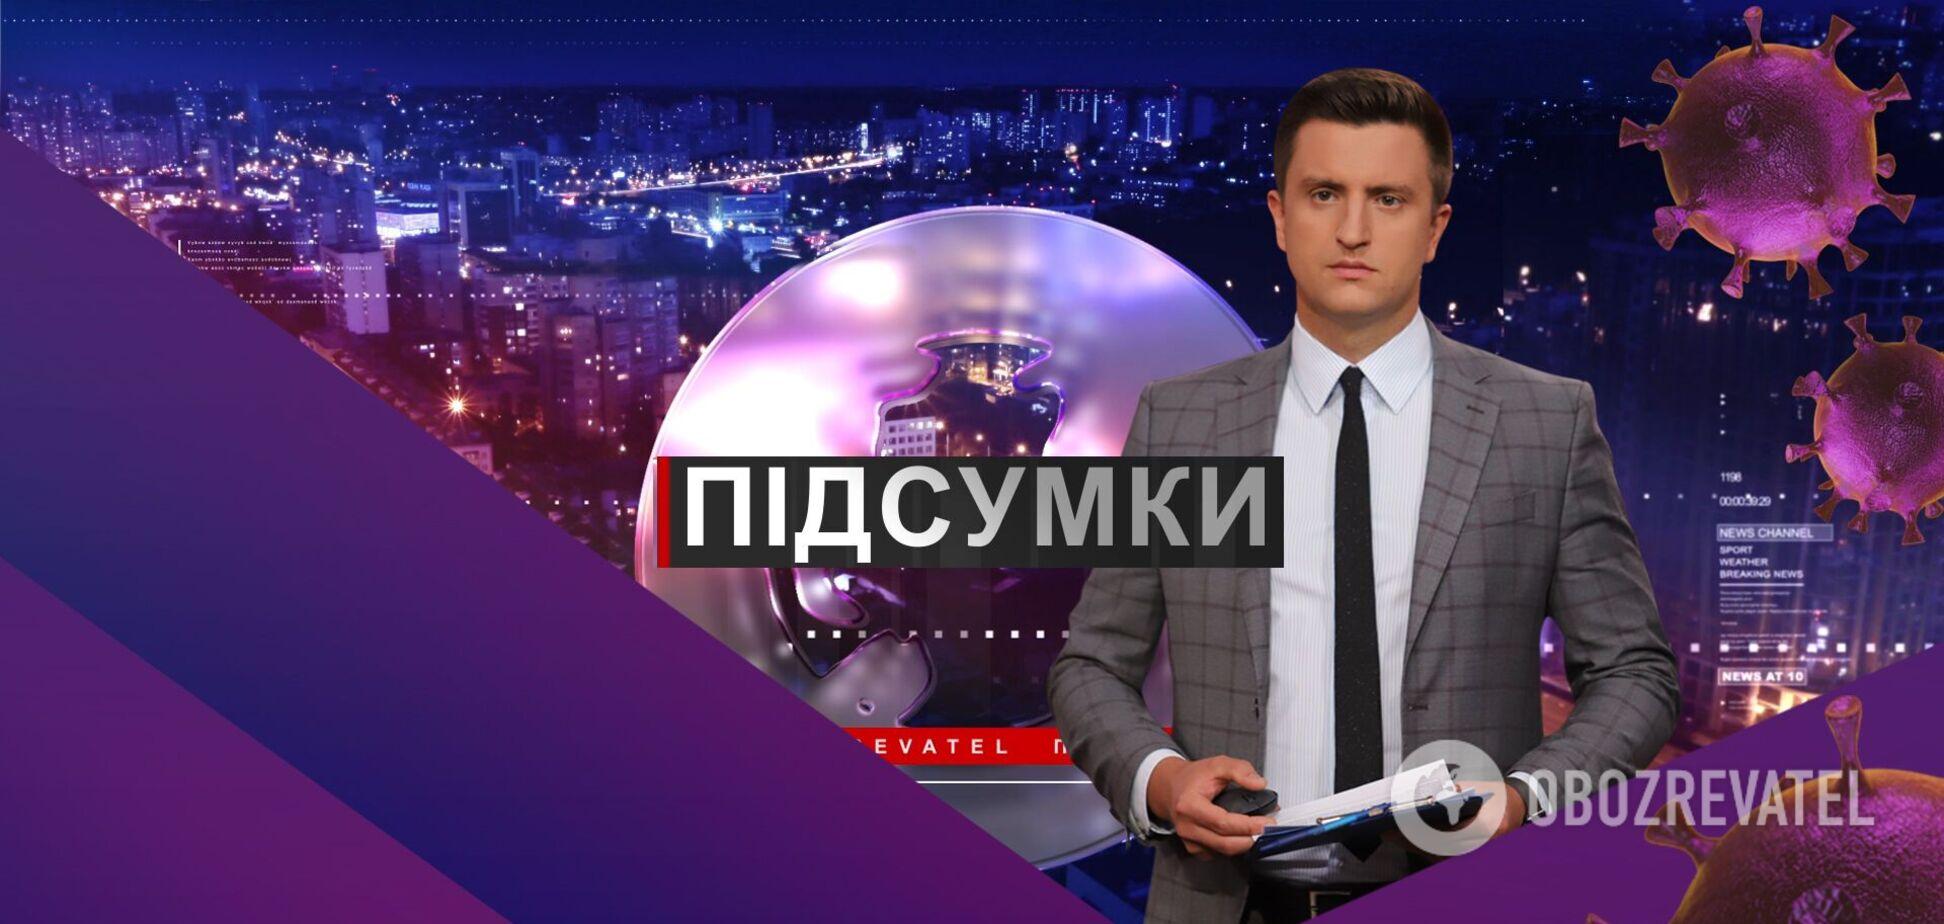 Підсумки дня з Вадимом Колодійчуком. Понеділок, 21 грудня